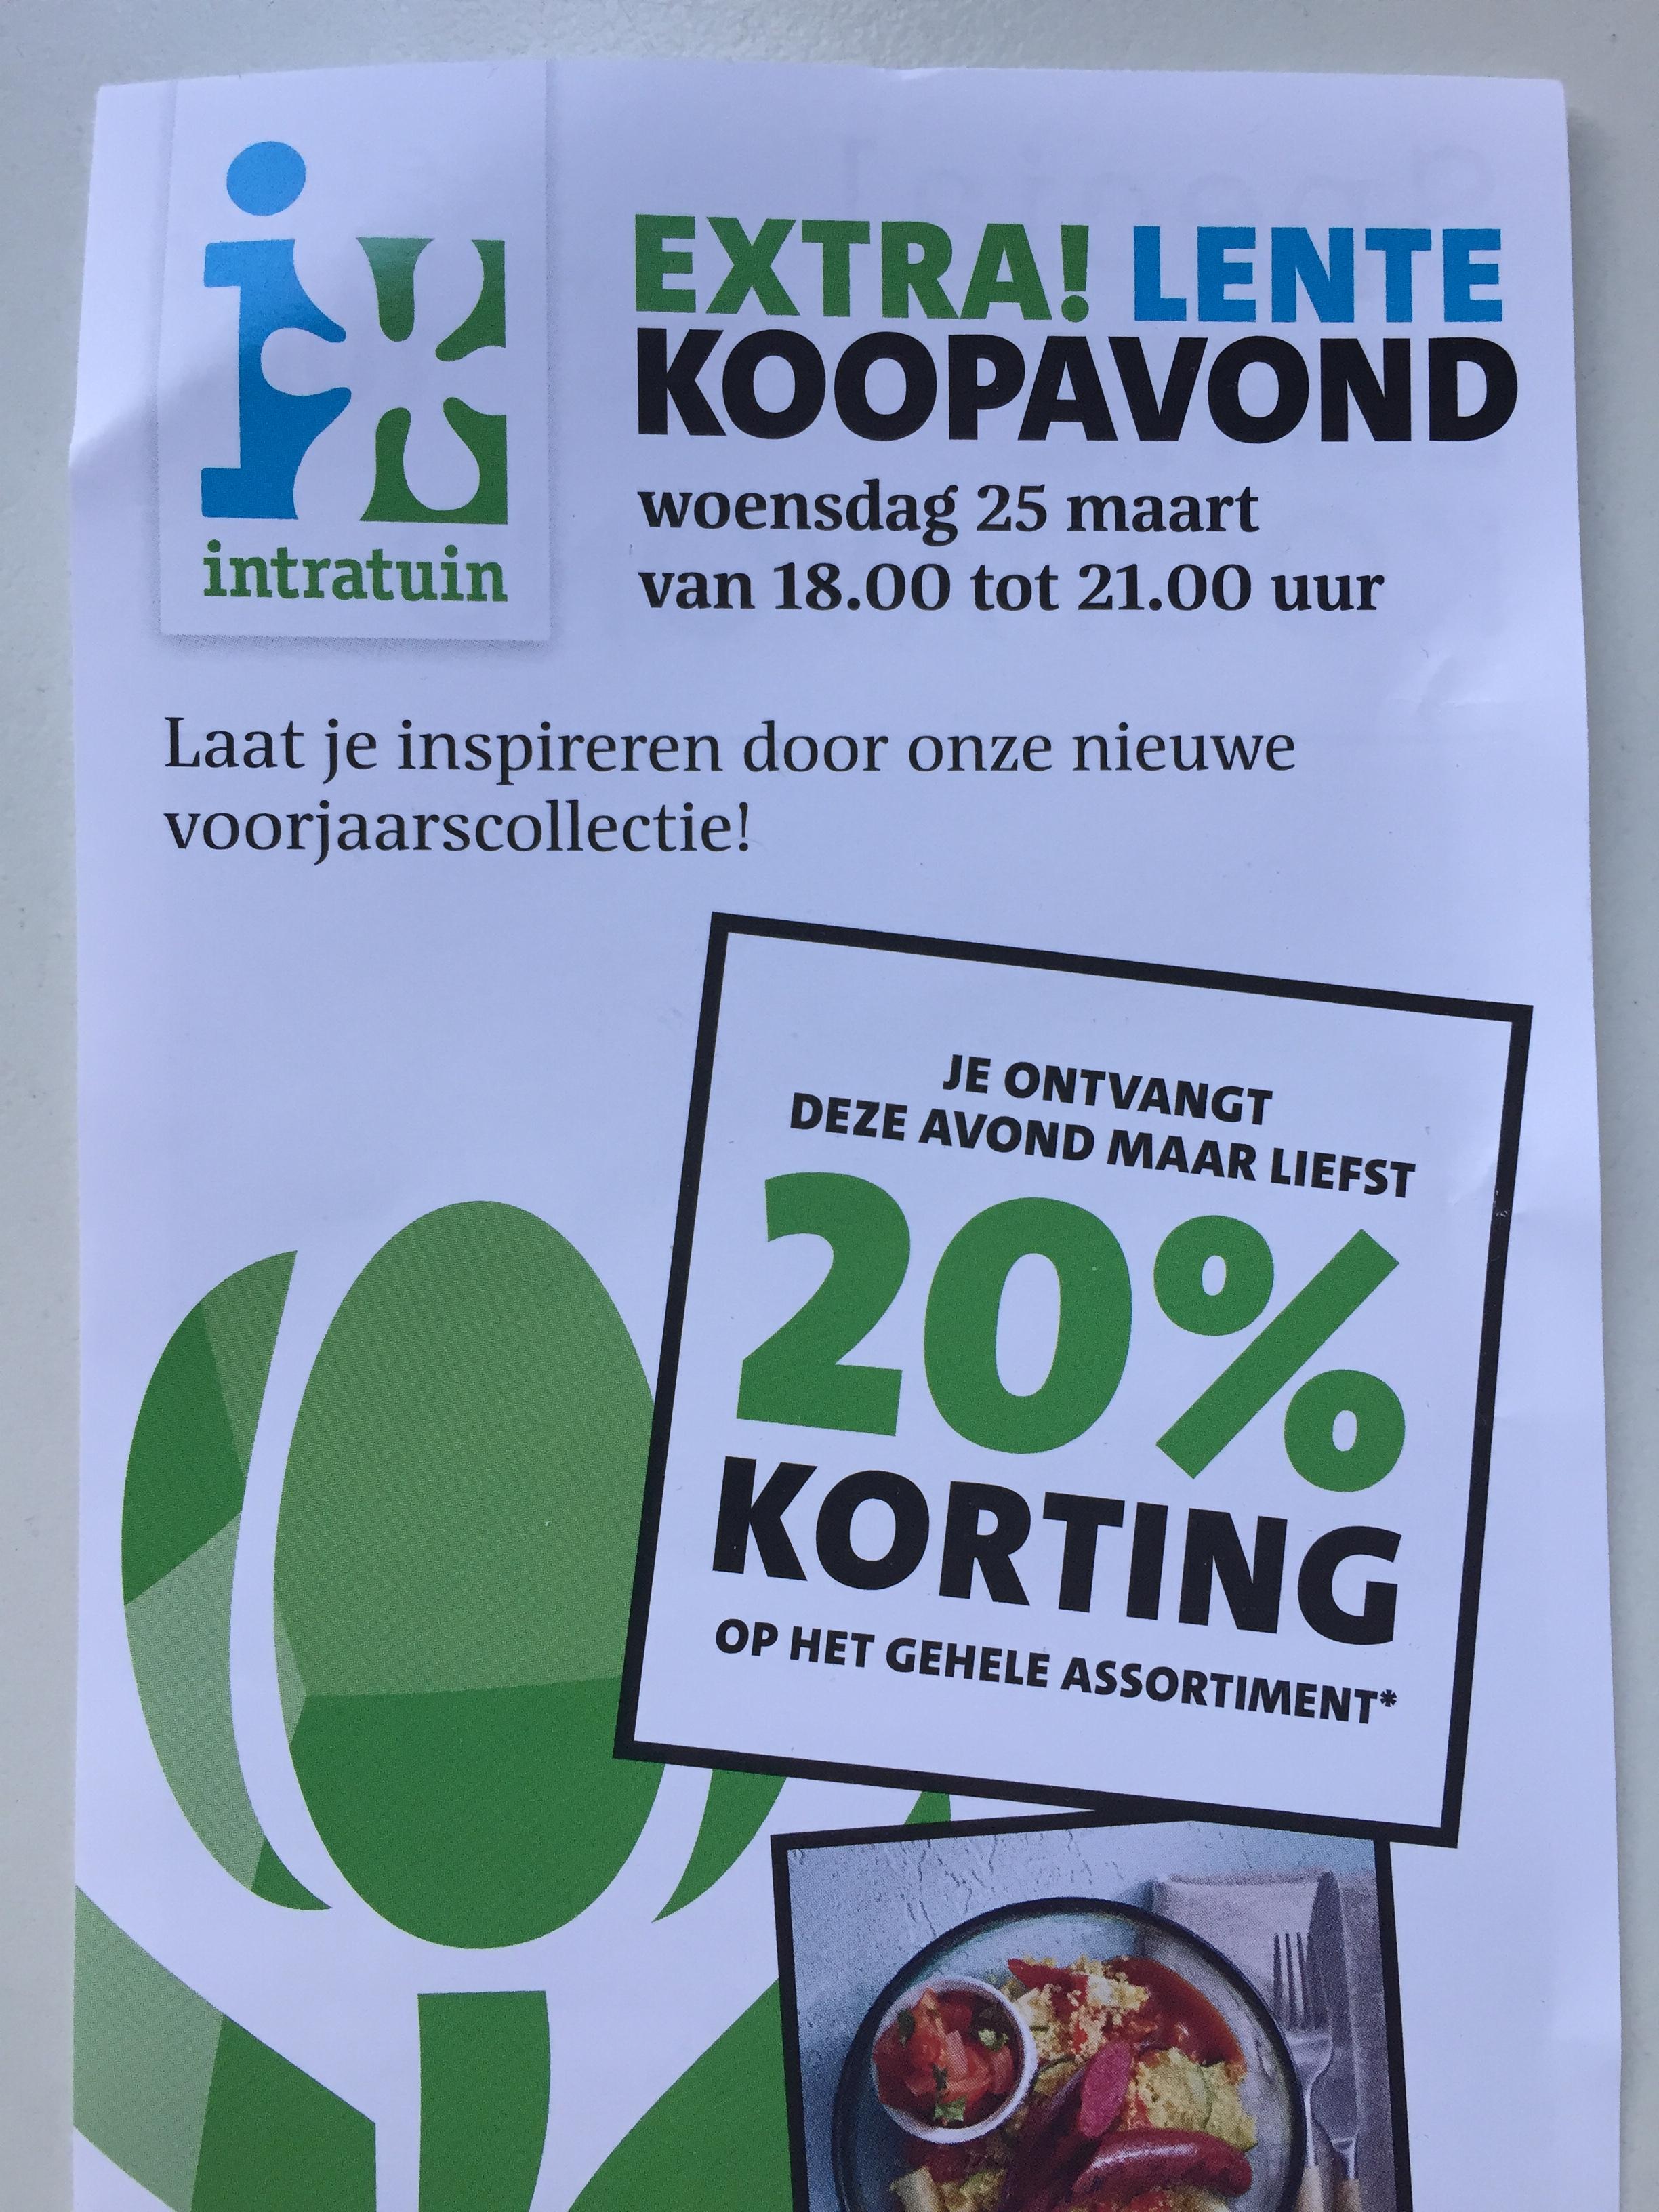 20% korting op online assortiment Intratuin 25 maart 18.00-0.00